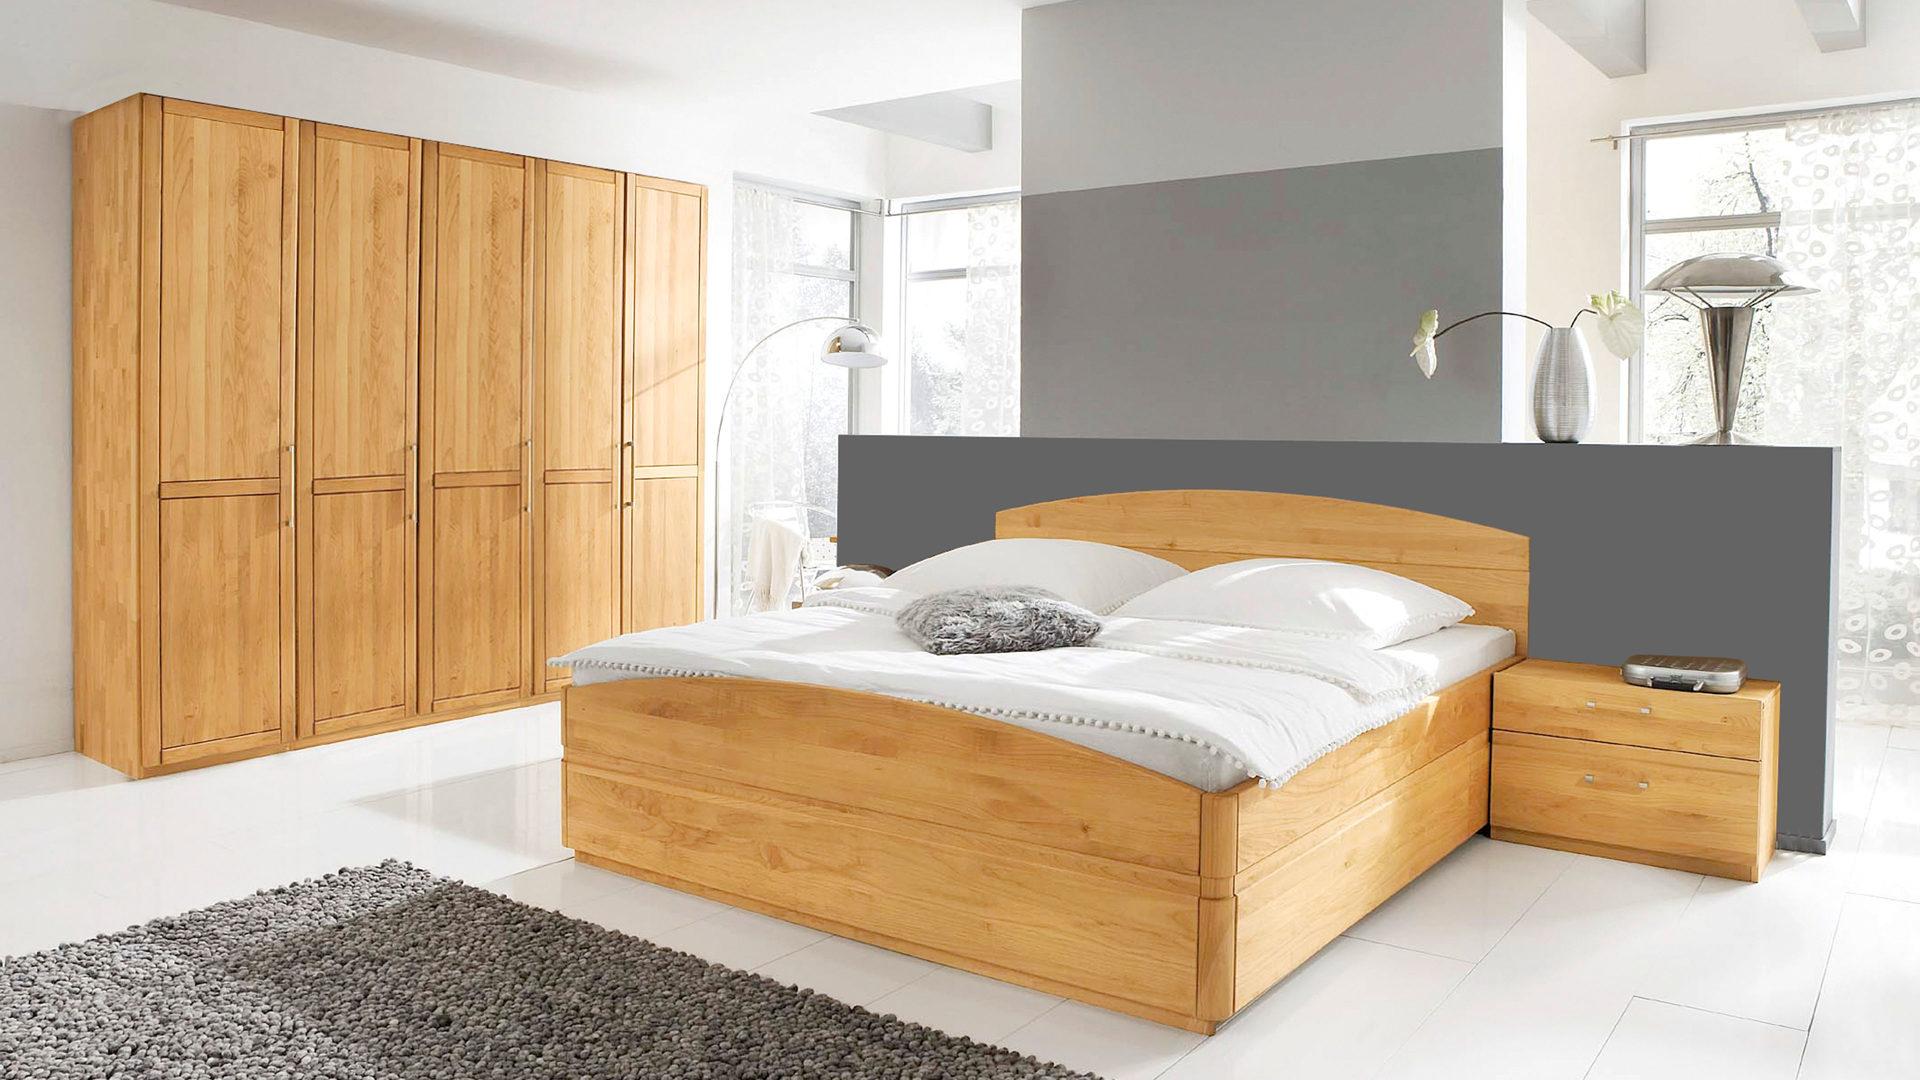 Wohnland Breitwieser , Räume, Schlafzimmer, Komplettzimmer ...